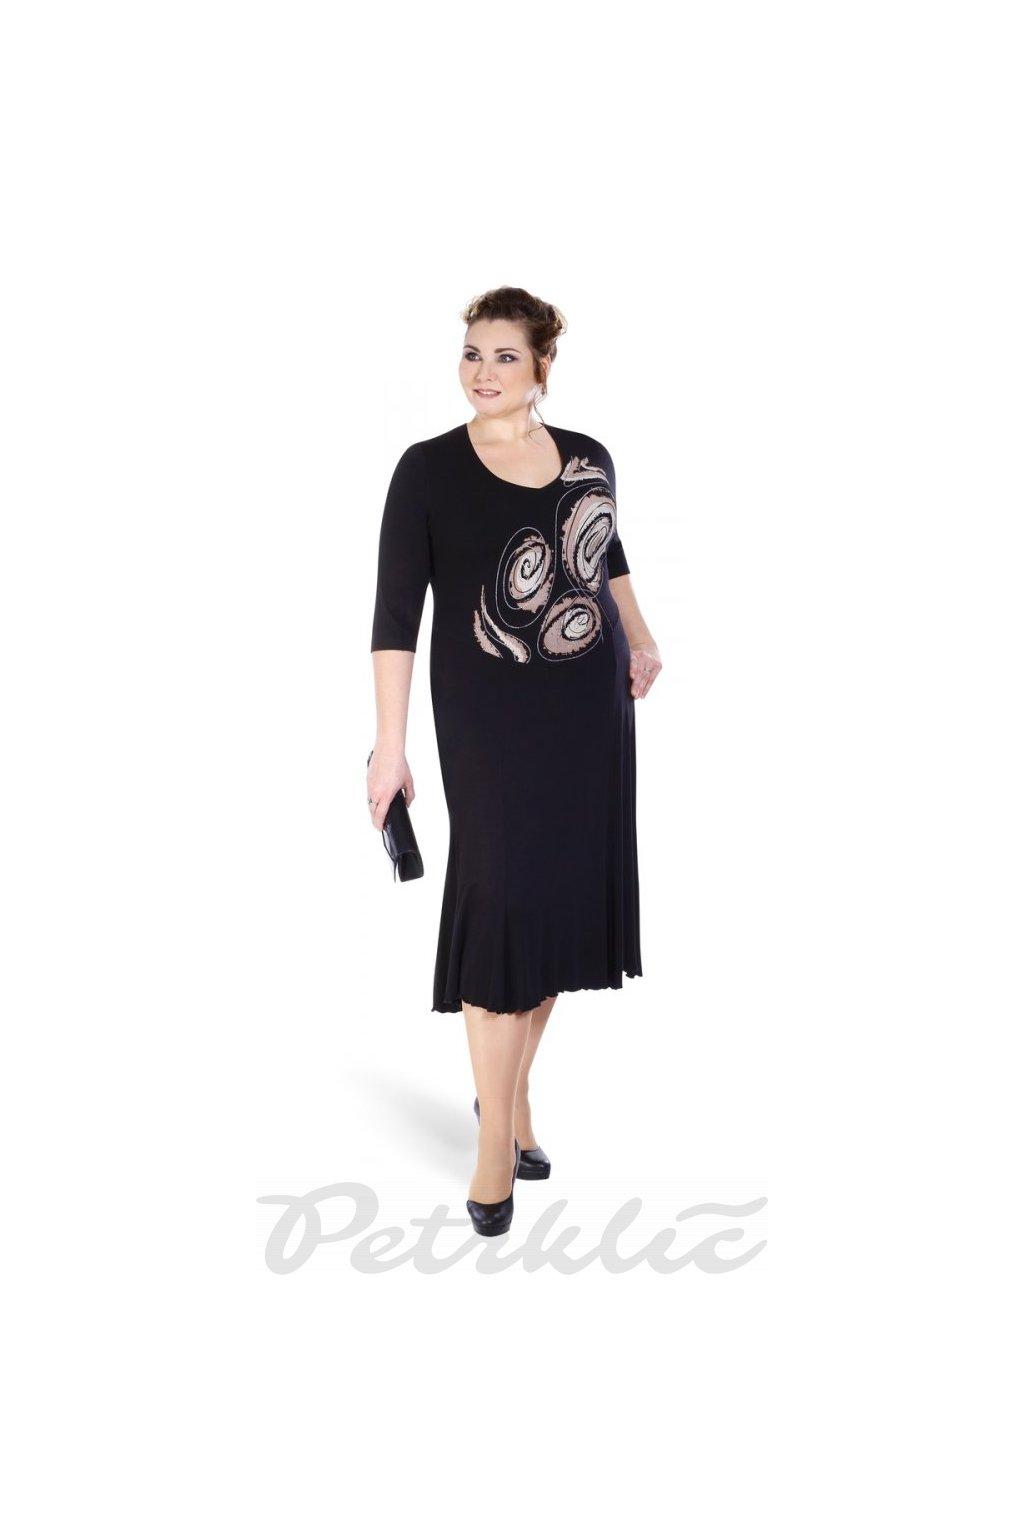 BETA - šaty krátký rukáv 110 - 115 cm